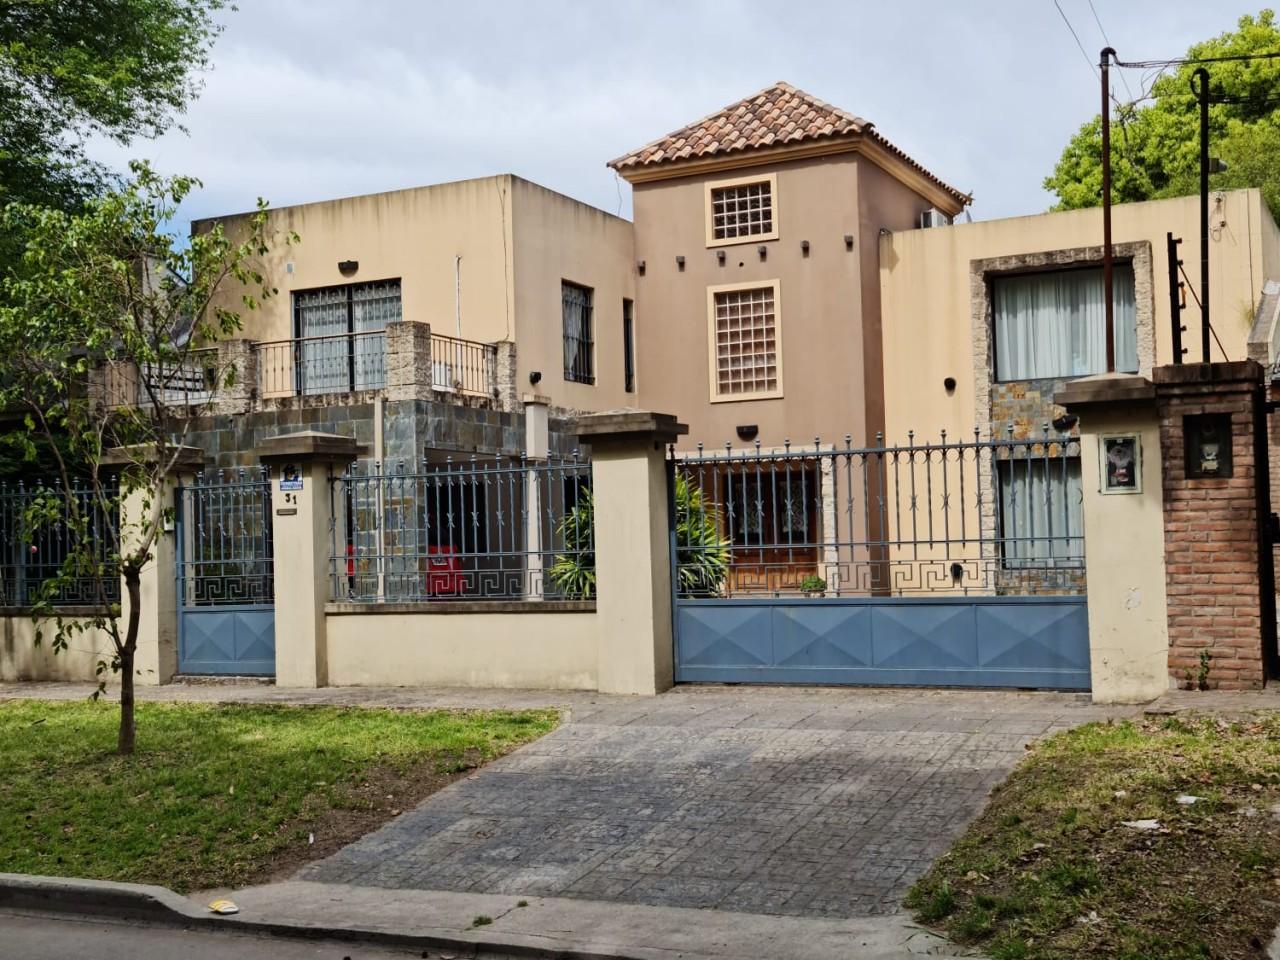 ALQUILER TEMPORARIO / CONFORTABLE CASA EN 2 PLANTAS, PISCINA, GALERIA Y GARAGE CUBIERTO. FARIAS 0, MUÑIZ.